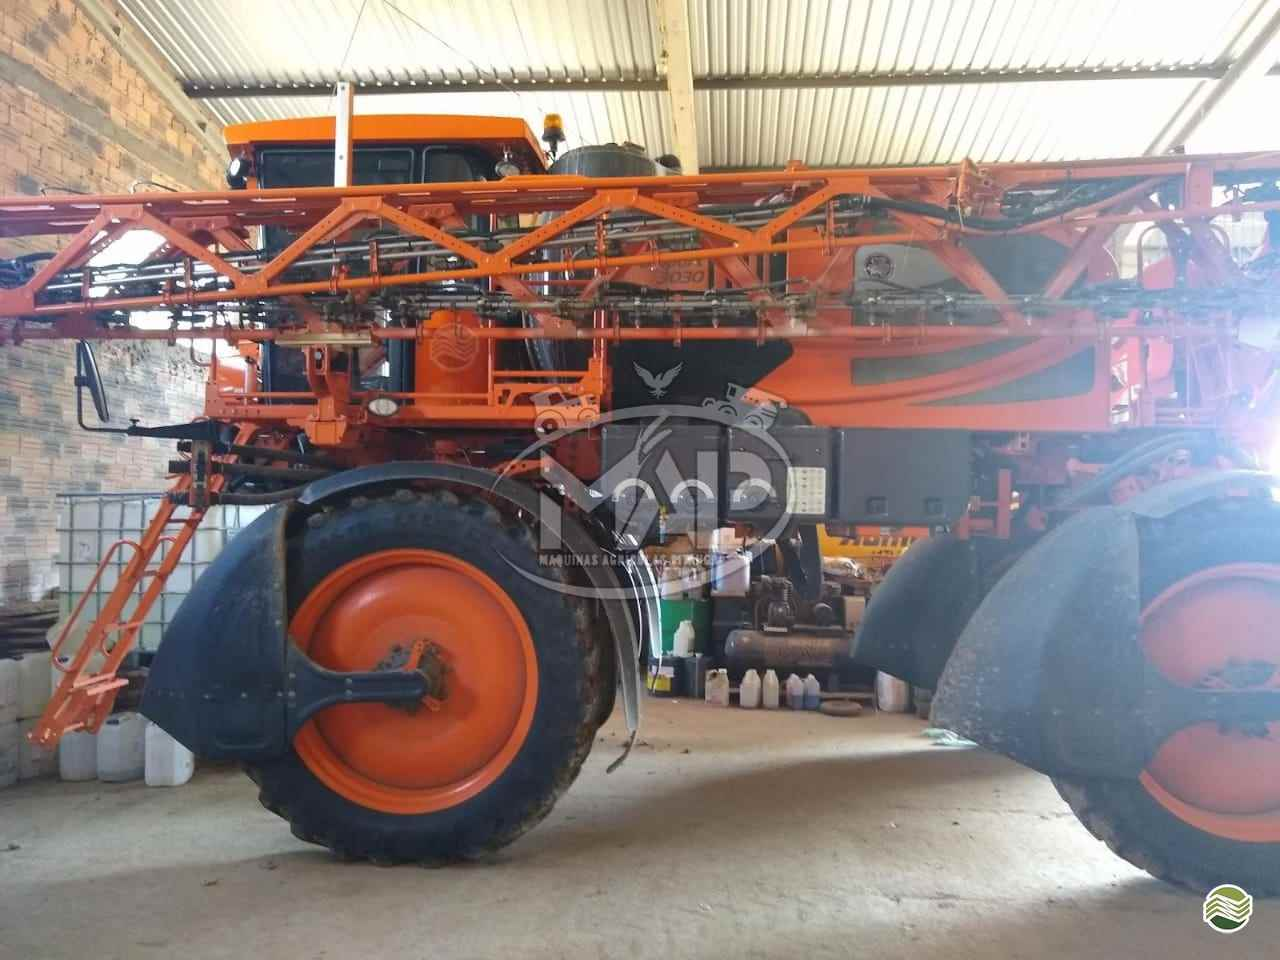 PULVERIZADOR JACTO UNIPORT 3030 Tração 4x4 Máquinas Agrícolas Pitanga PITANGA PARANÁ PR